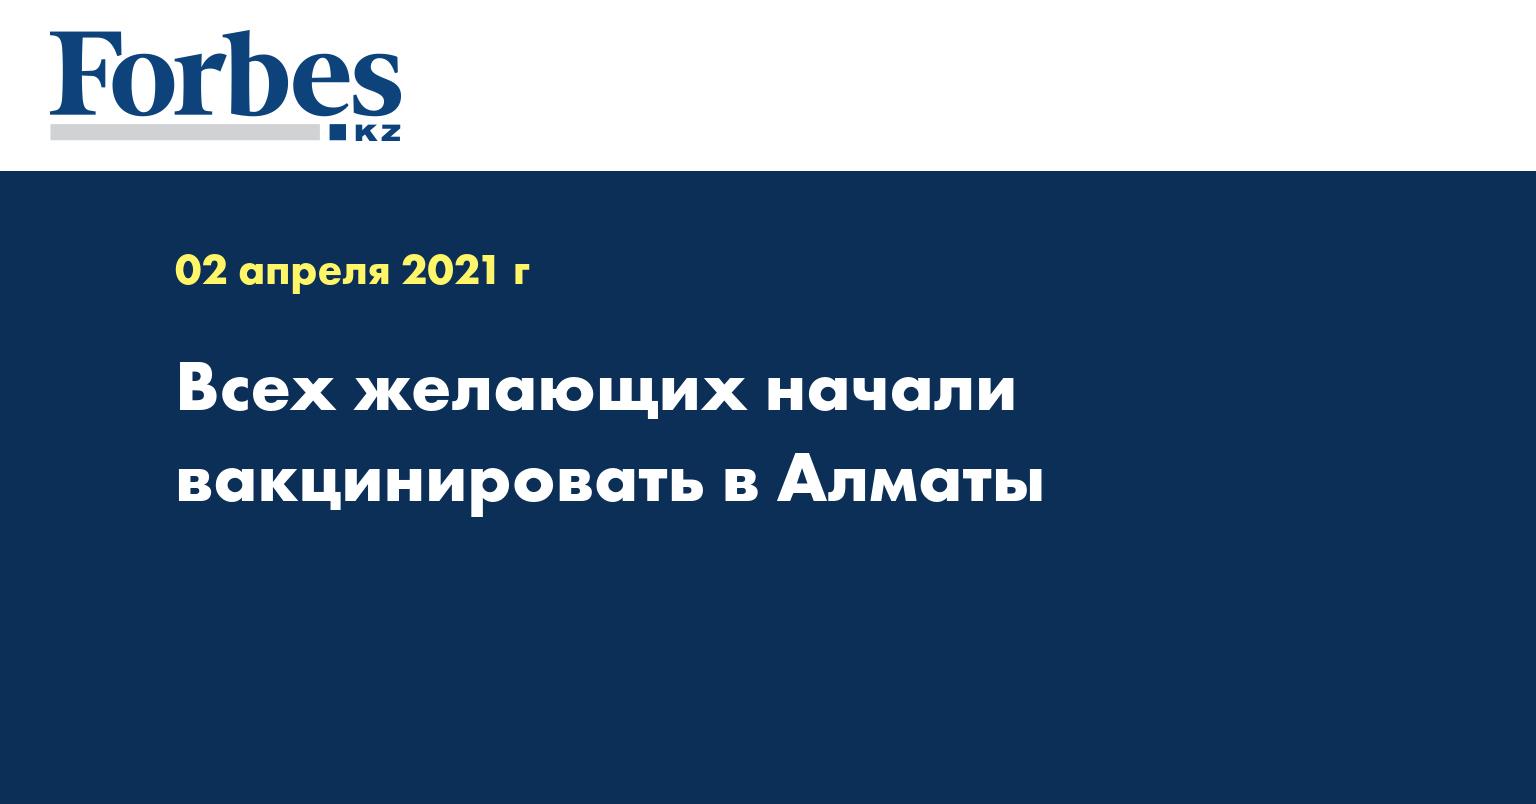 Всех желающих начали вакцинировать в Алматы